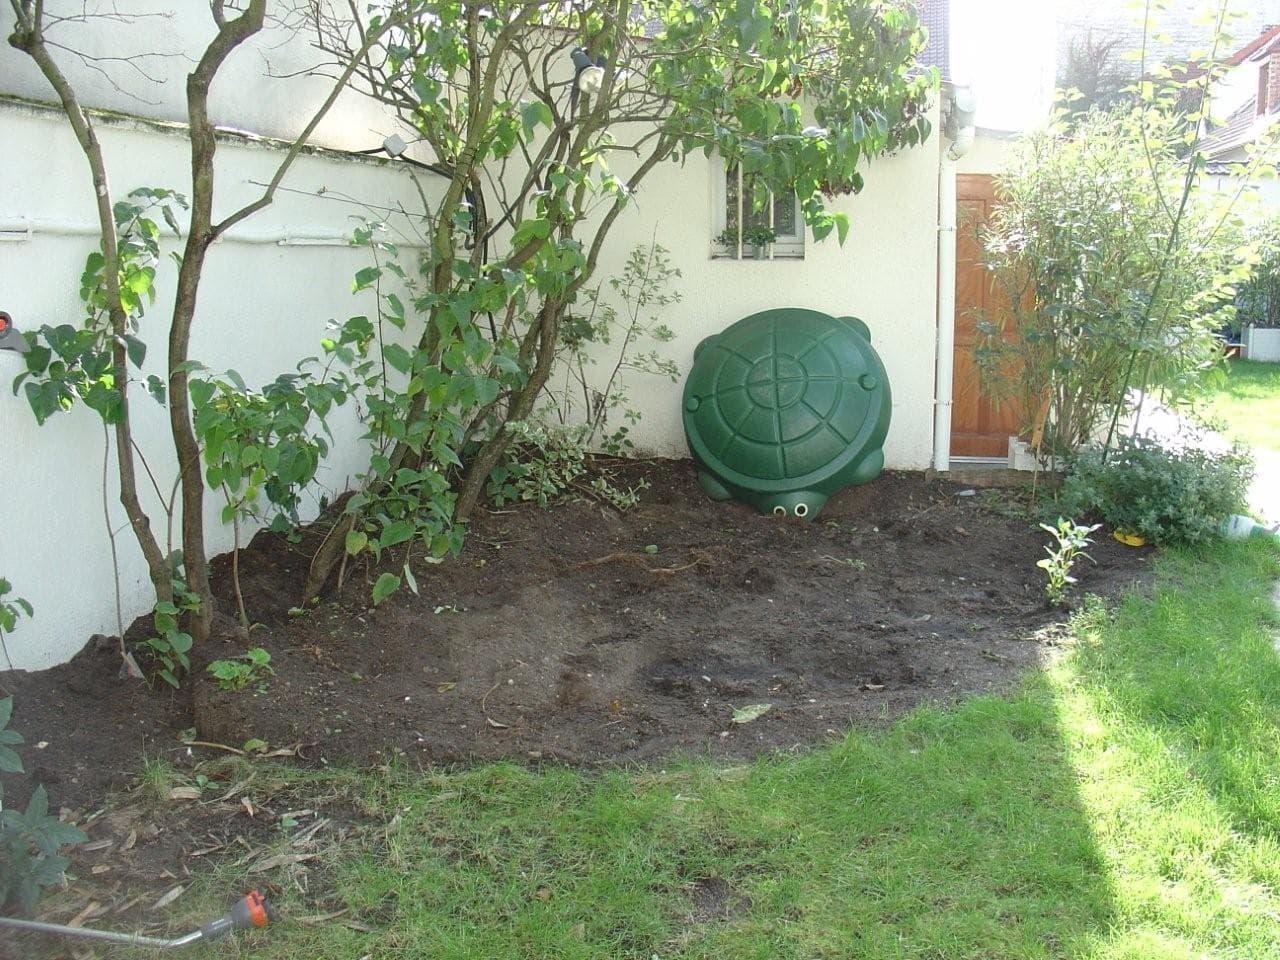 travaux-amenagement-jardin-1-decaissement-graviers-ferraillage -coulage-d'une-dalle-en-beton-texas-batiment-rge-min